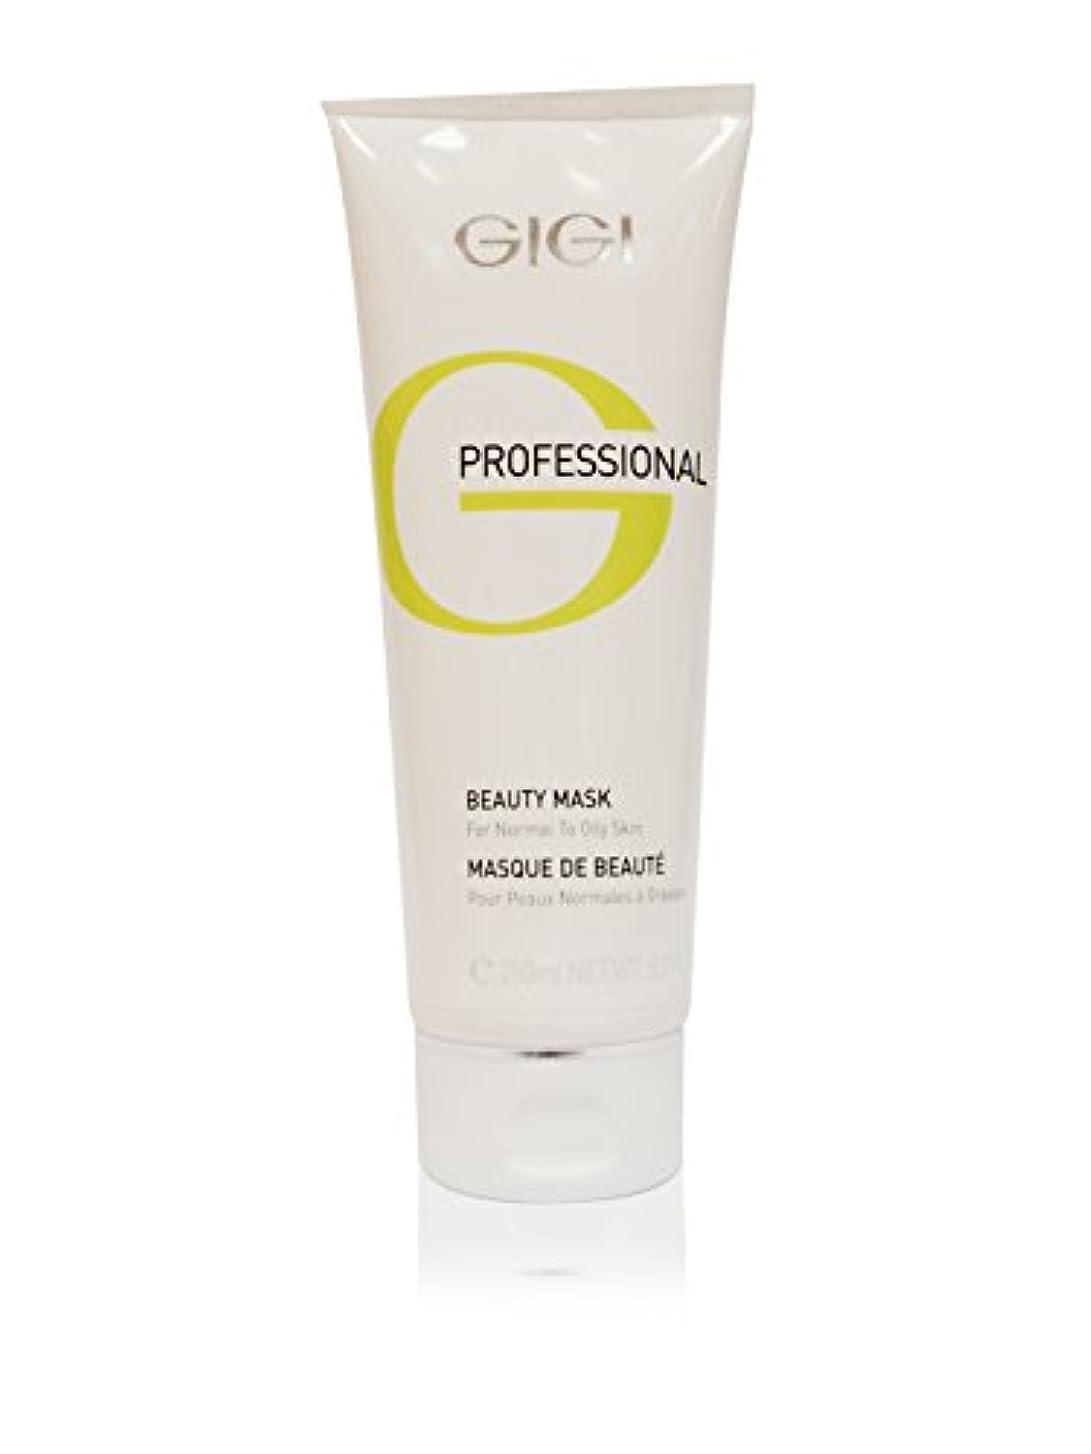 傀儡壊滅的な回復GIGI Beauty Mask for Normal to Oily Skin 250ml 8.4fl.oz